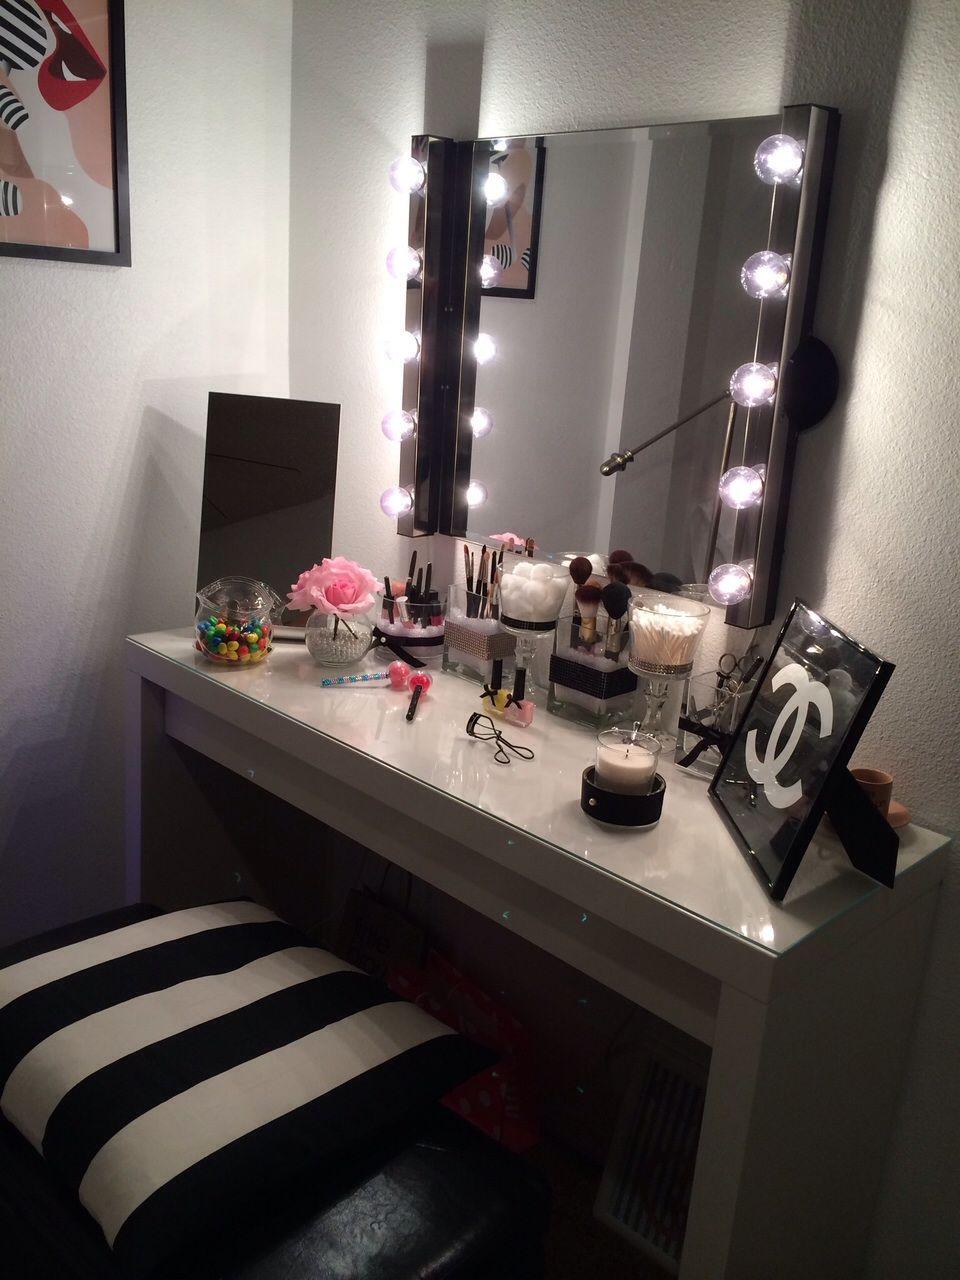 J id3n vanity inspo pinterest tocador tocador de for Sillas para vanity